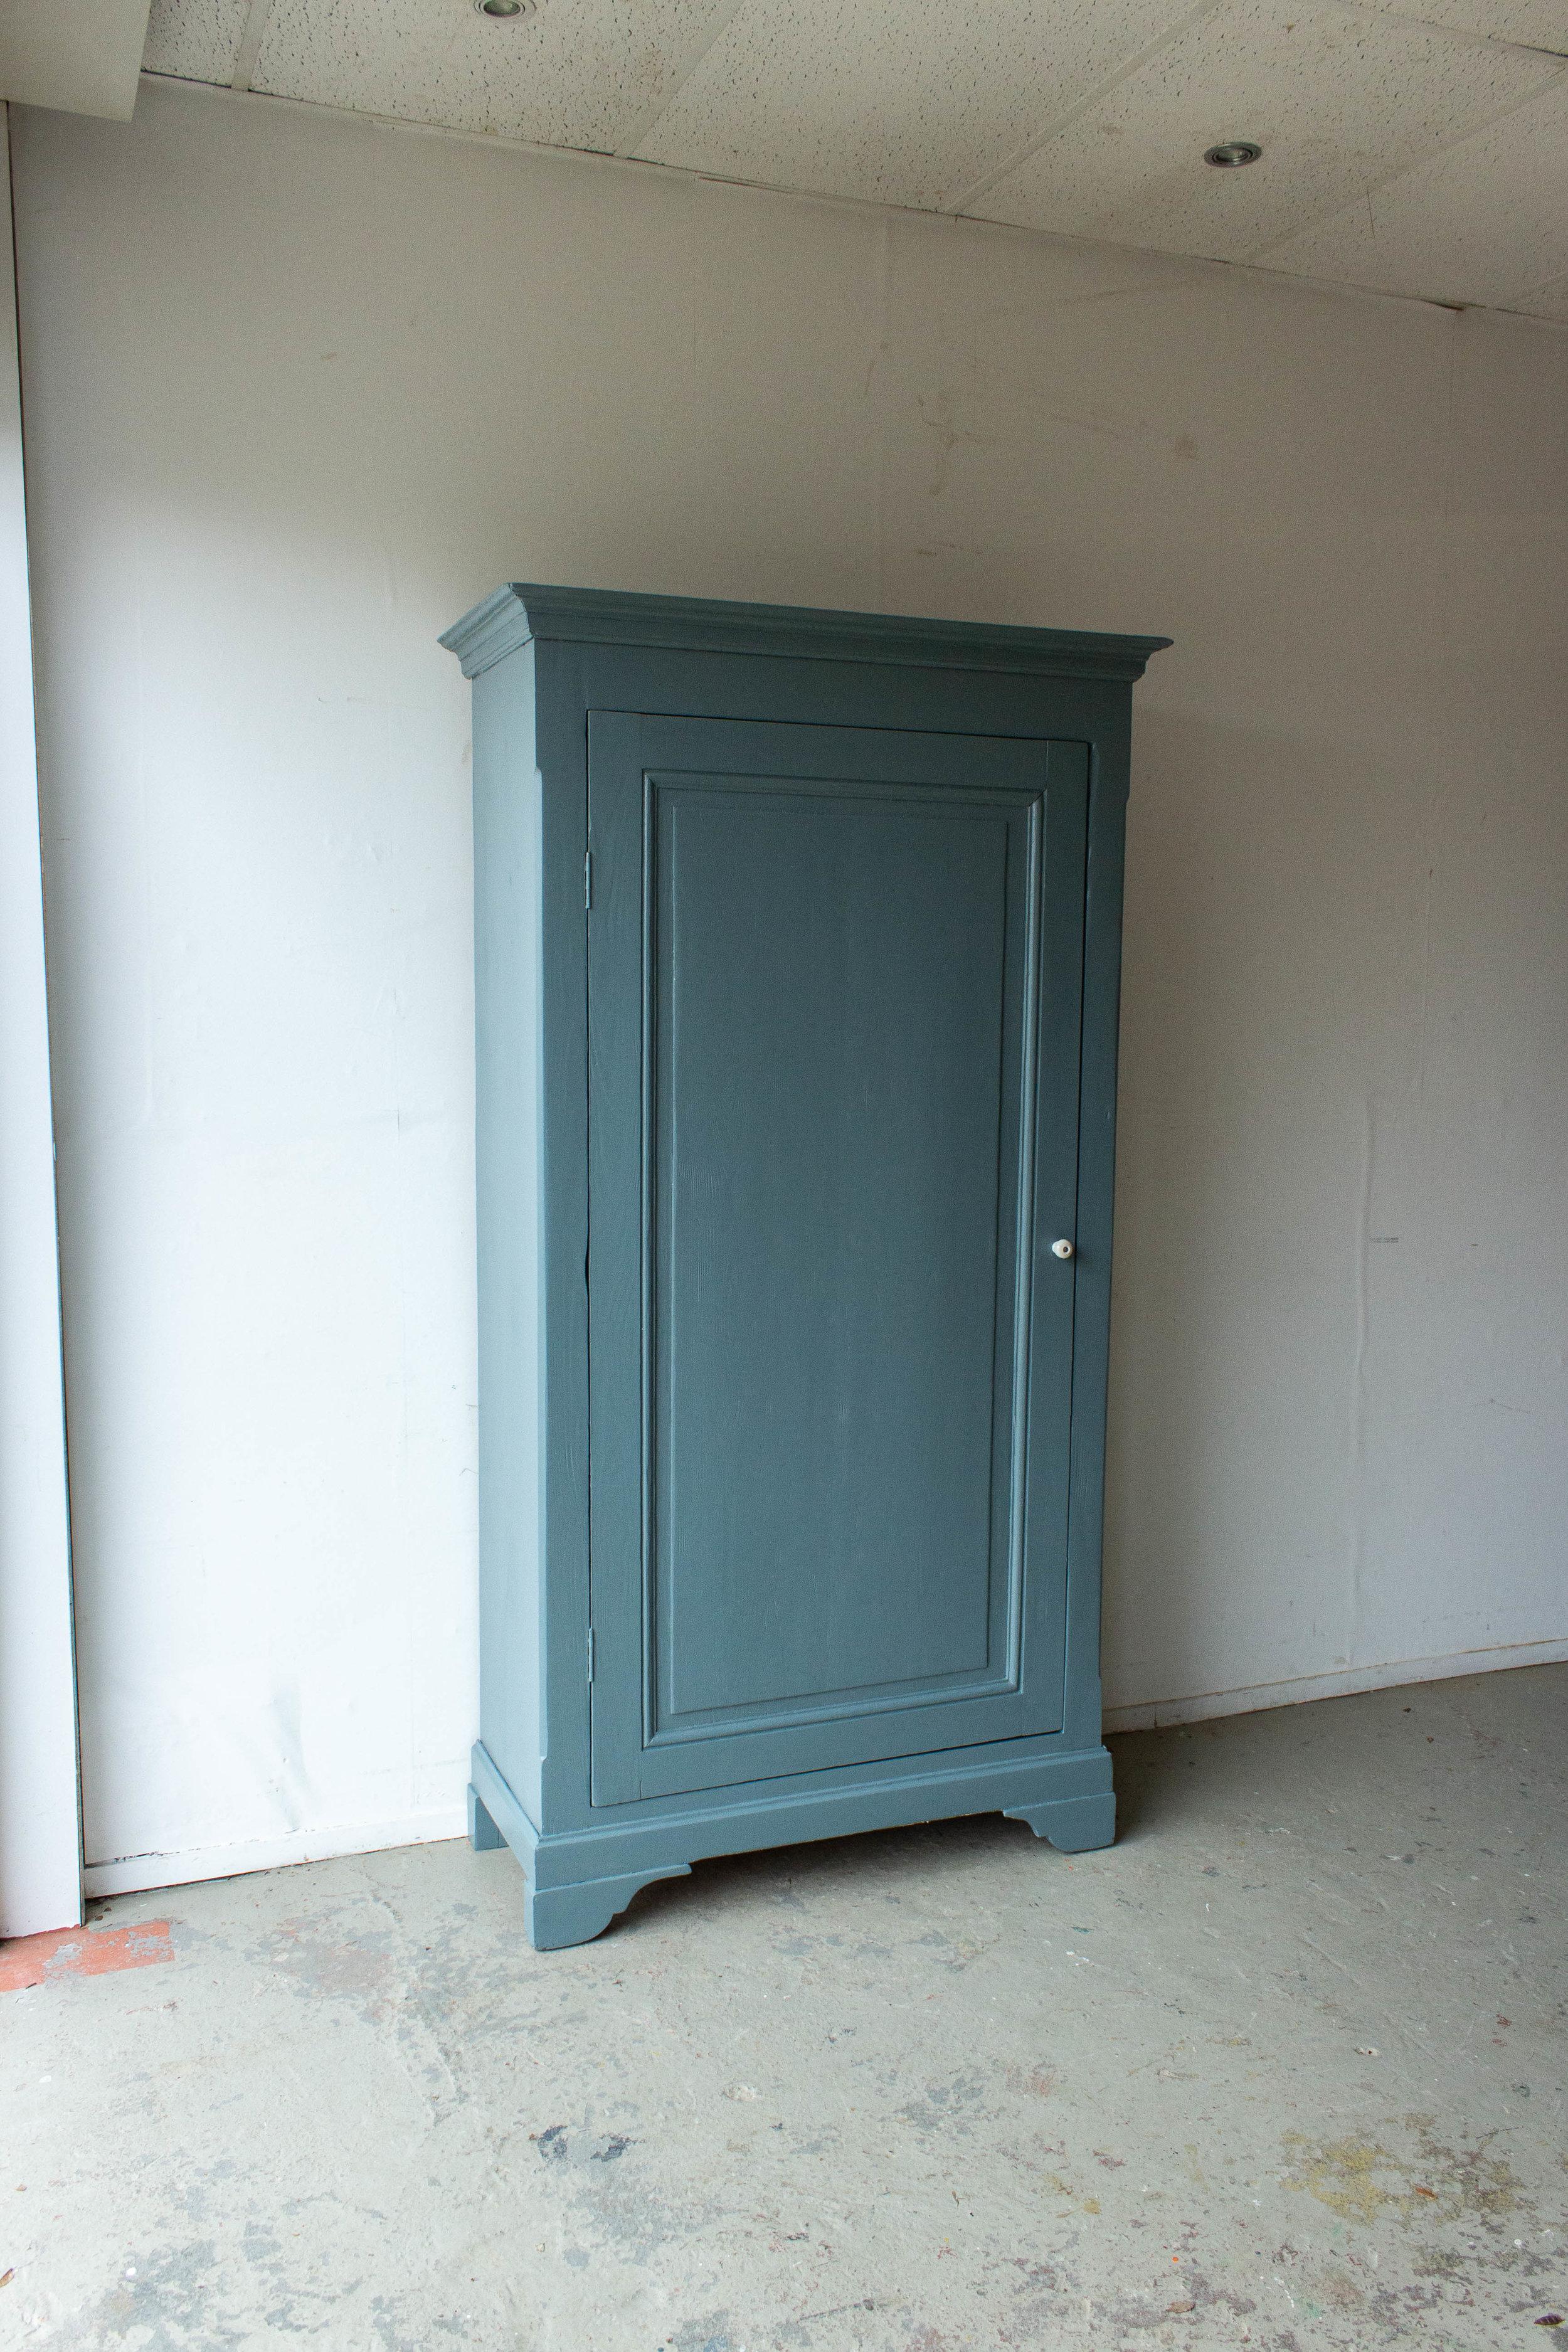 1465 - Grijsblauwe vintage kledingkast-6.jpg